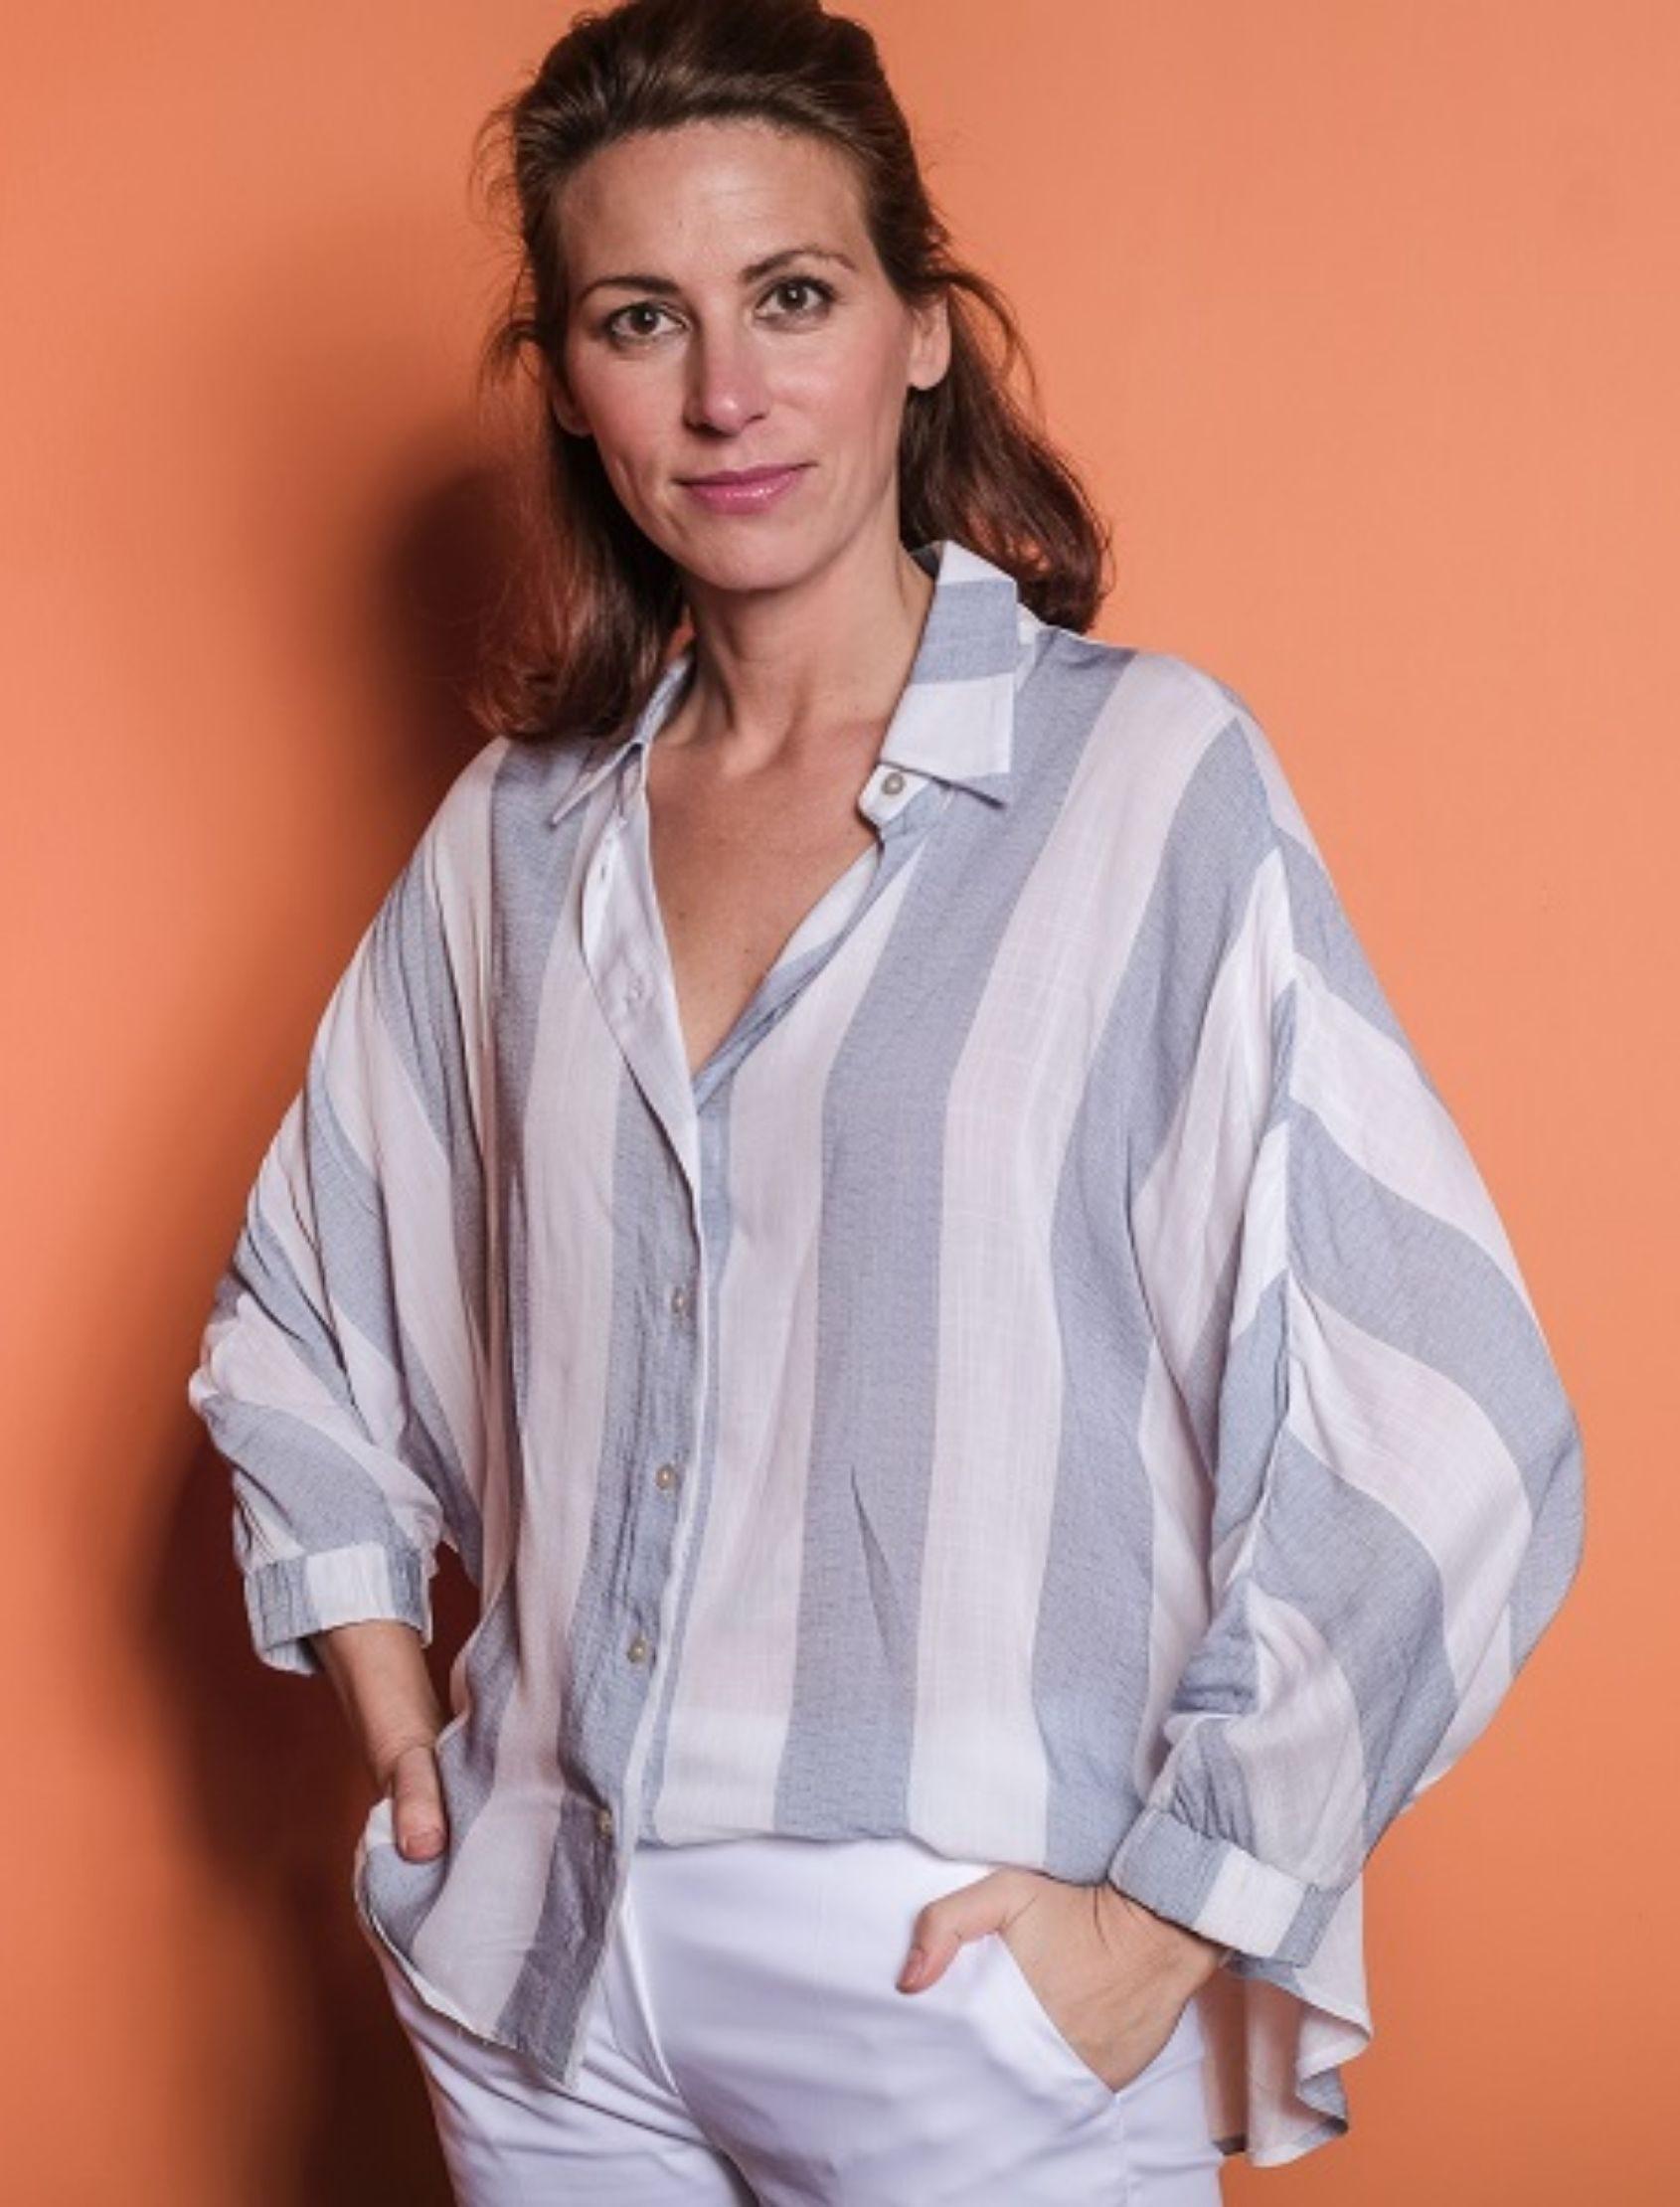 modelo con blusa overesize de rayas en color azul y blanco